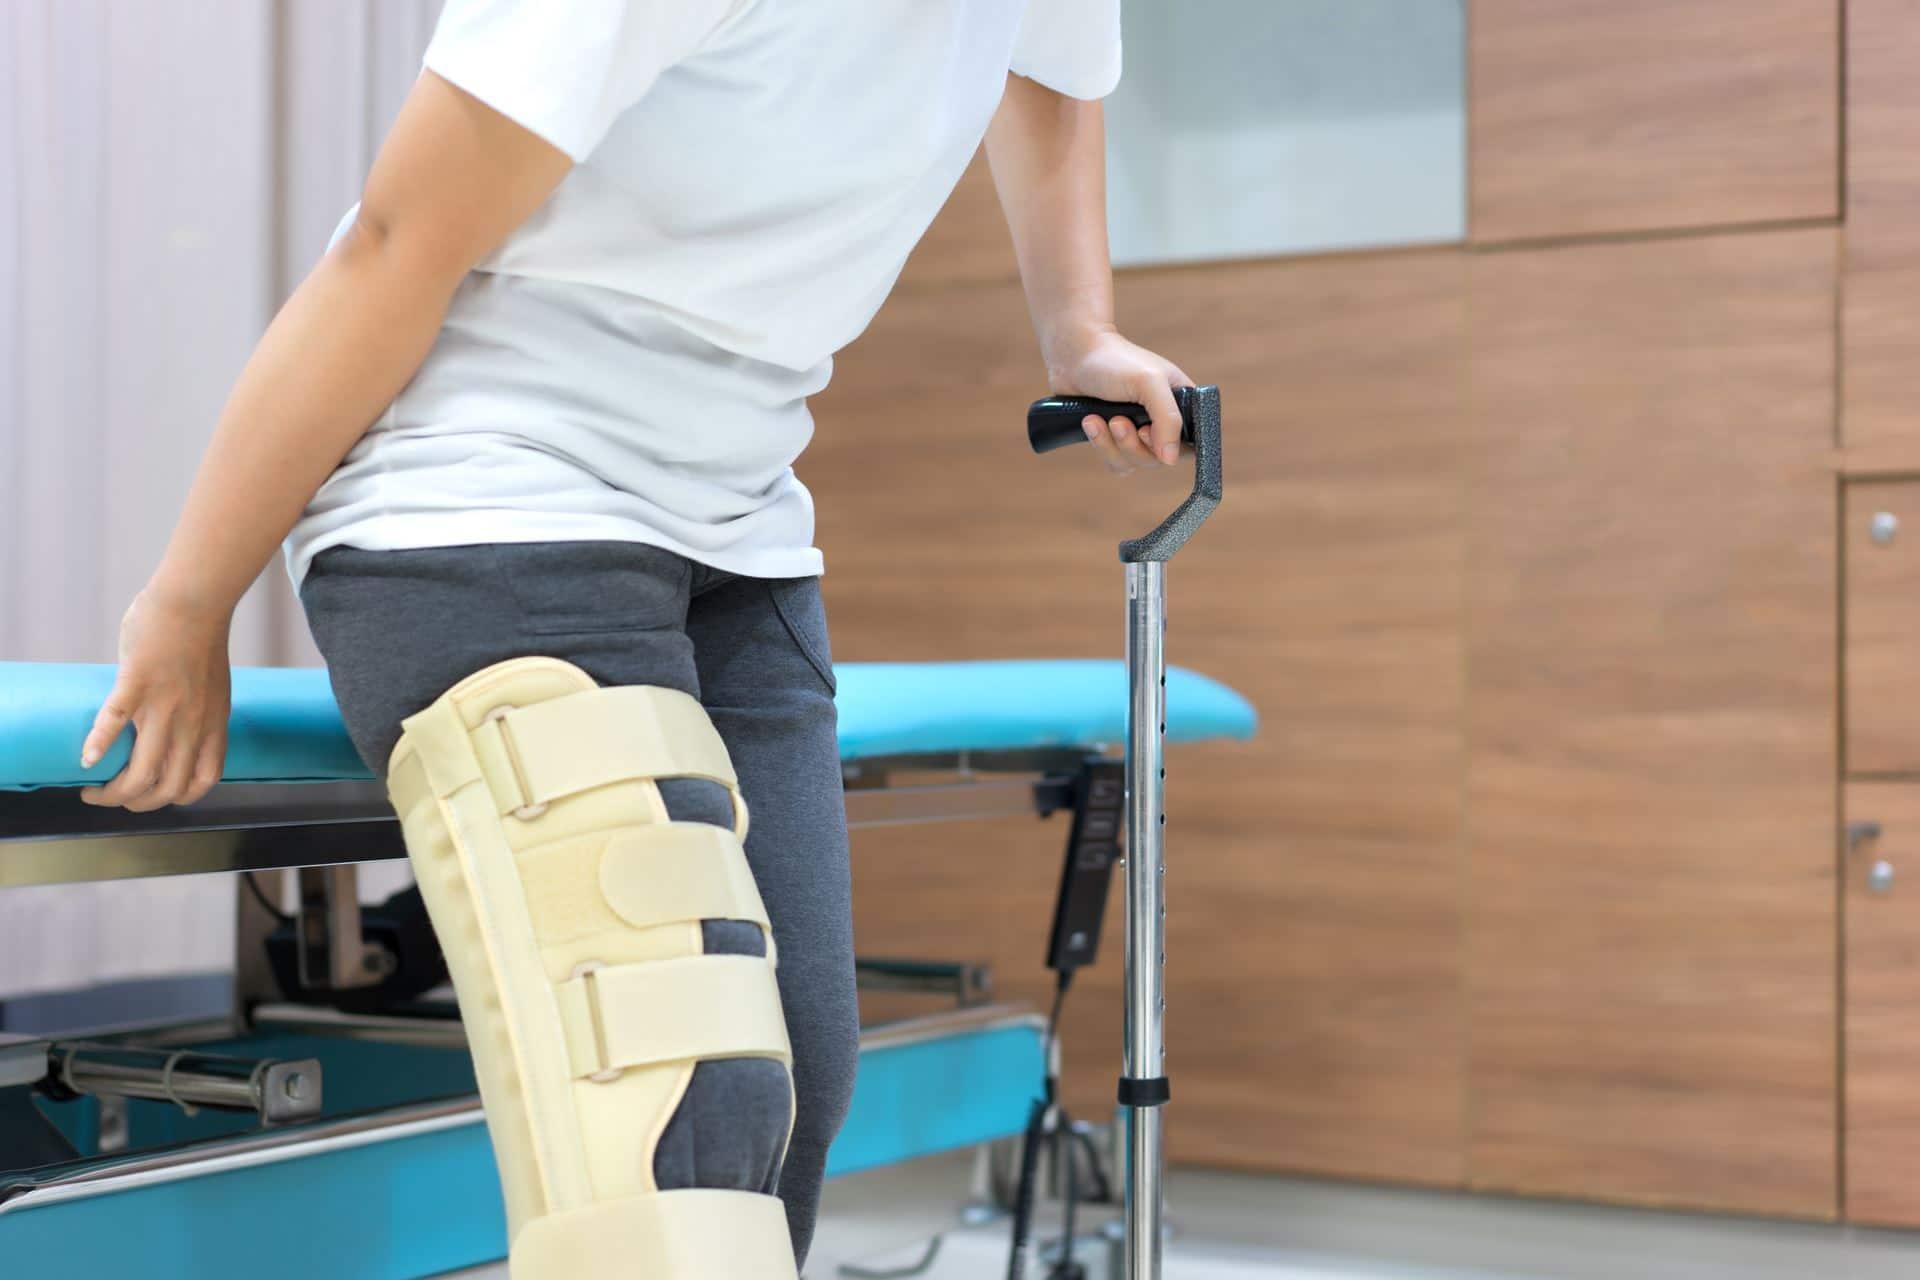 פיזיותרפיה פרטי בנתניה - Restart Therapy פיזיותרפיה שיקומית